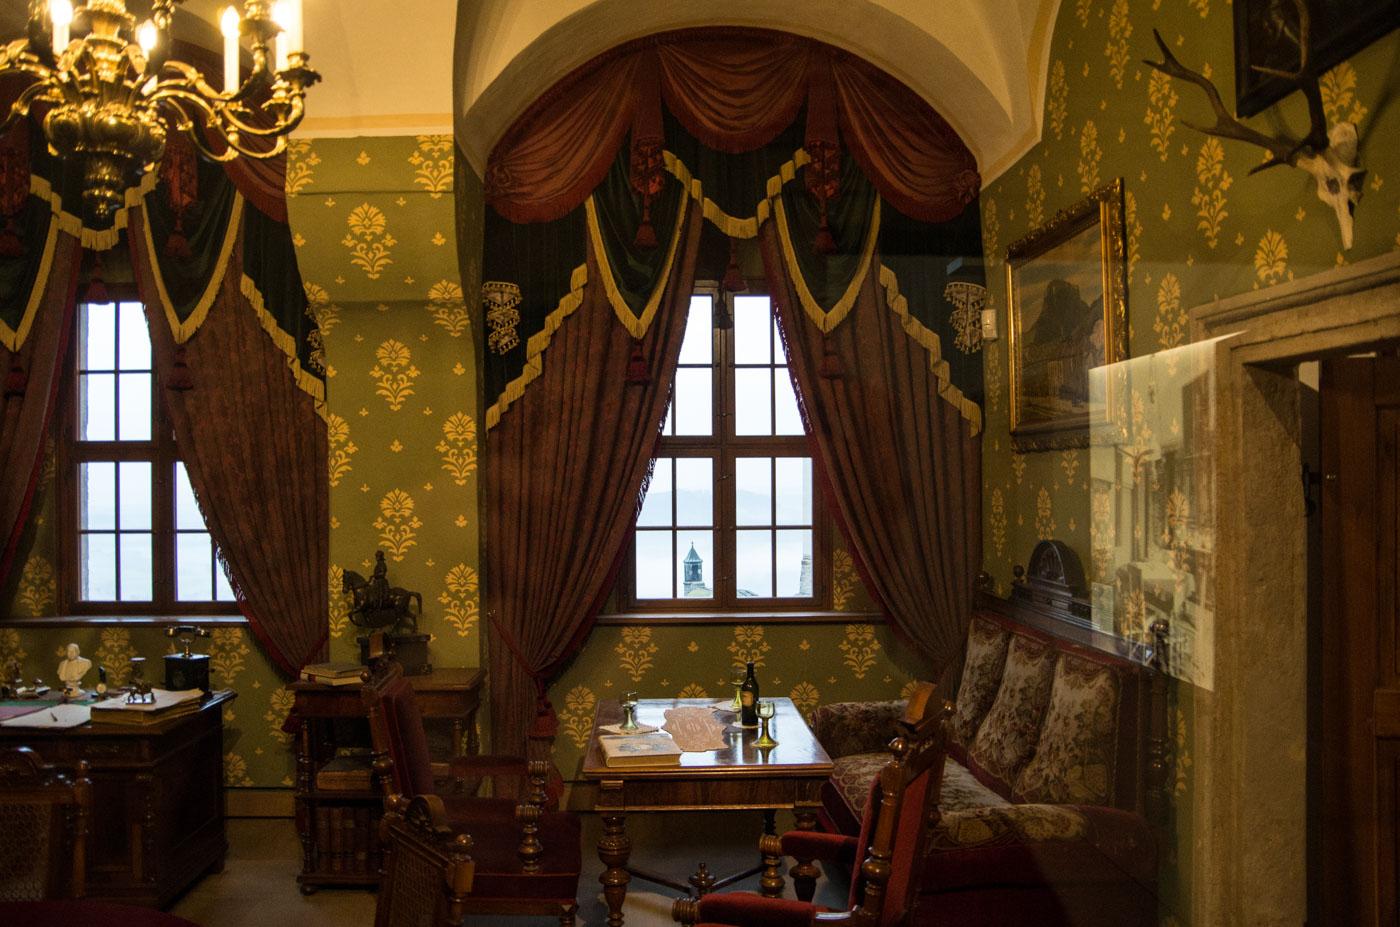 Das rekonstruierte Herrenzimmer des Kommandanten der Festung Königstein an der Elbe